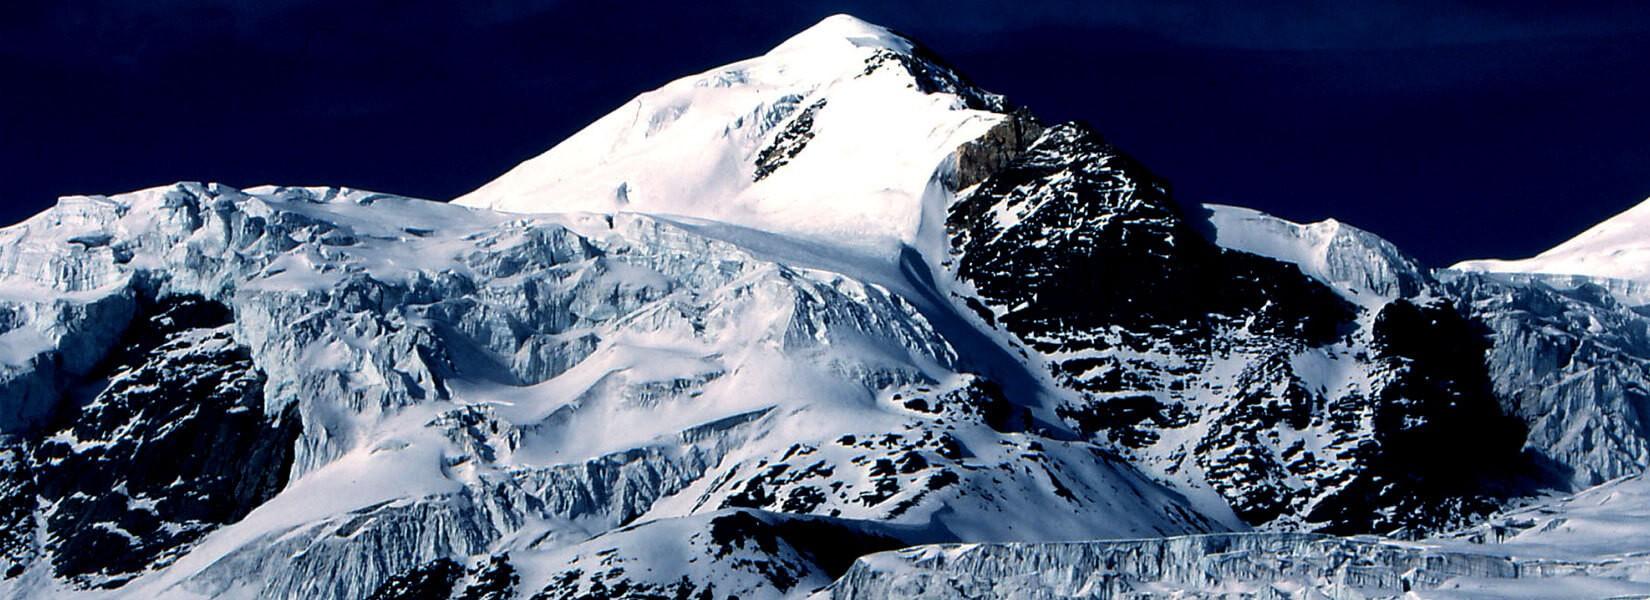 Nepal Pisang Peak Climbing